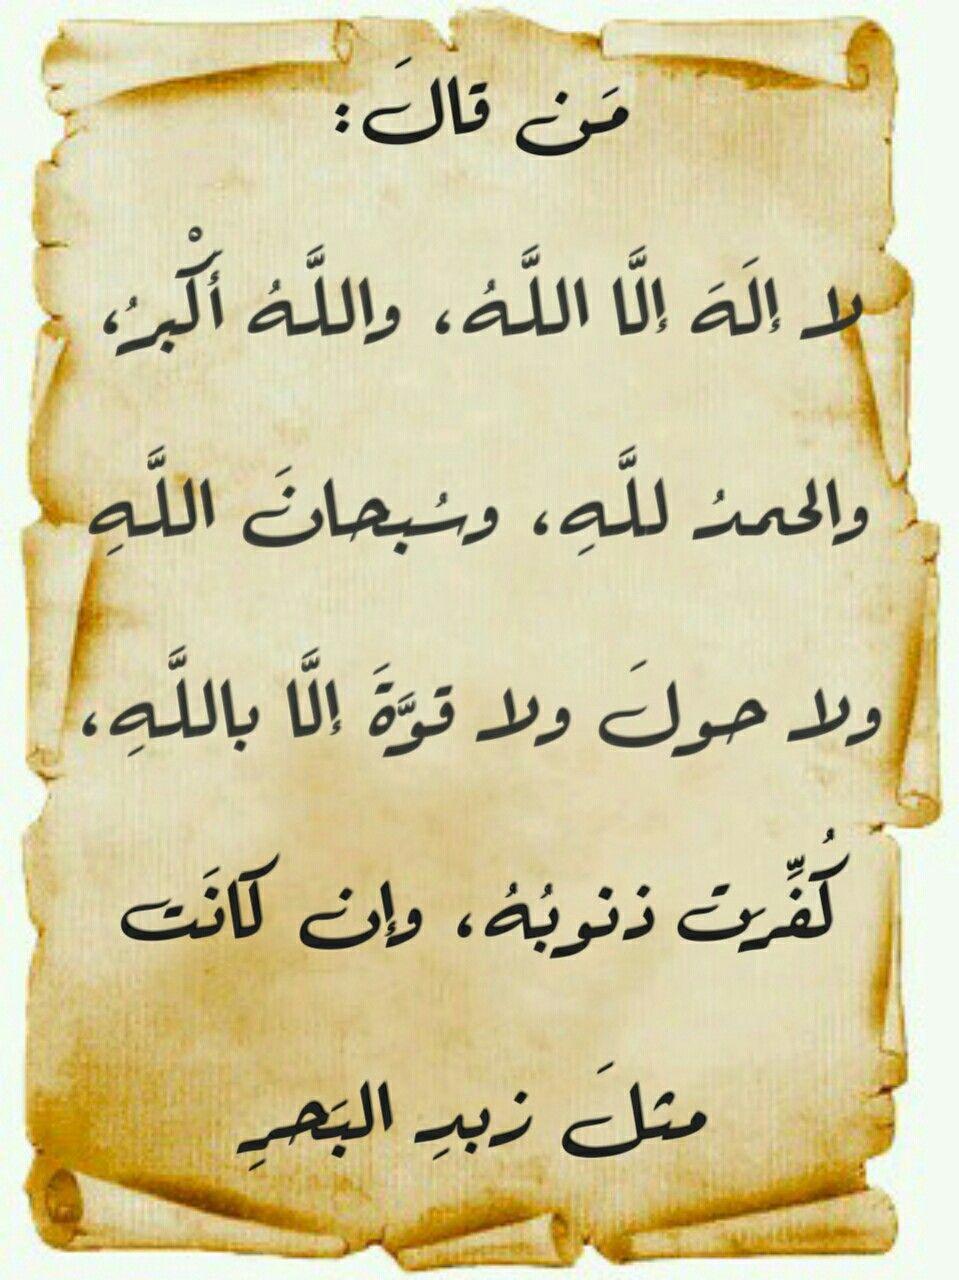 حديث اذكار الصباح اذكار المساء فضل الذكر Calligraphy Arabic Calligraphy Islam